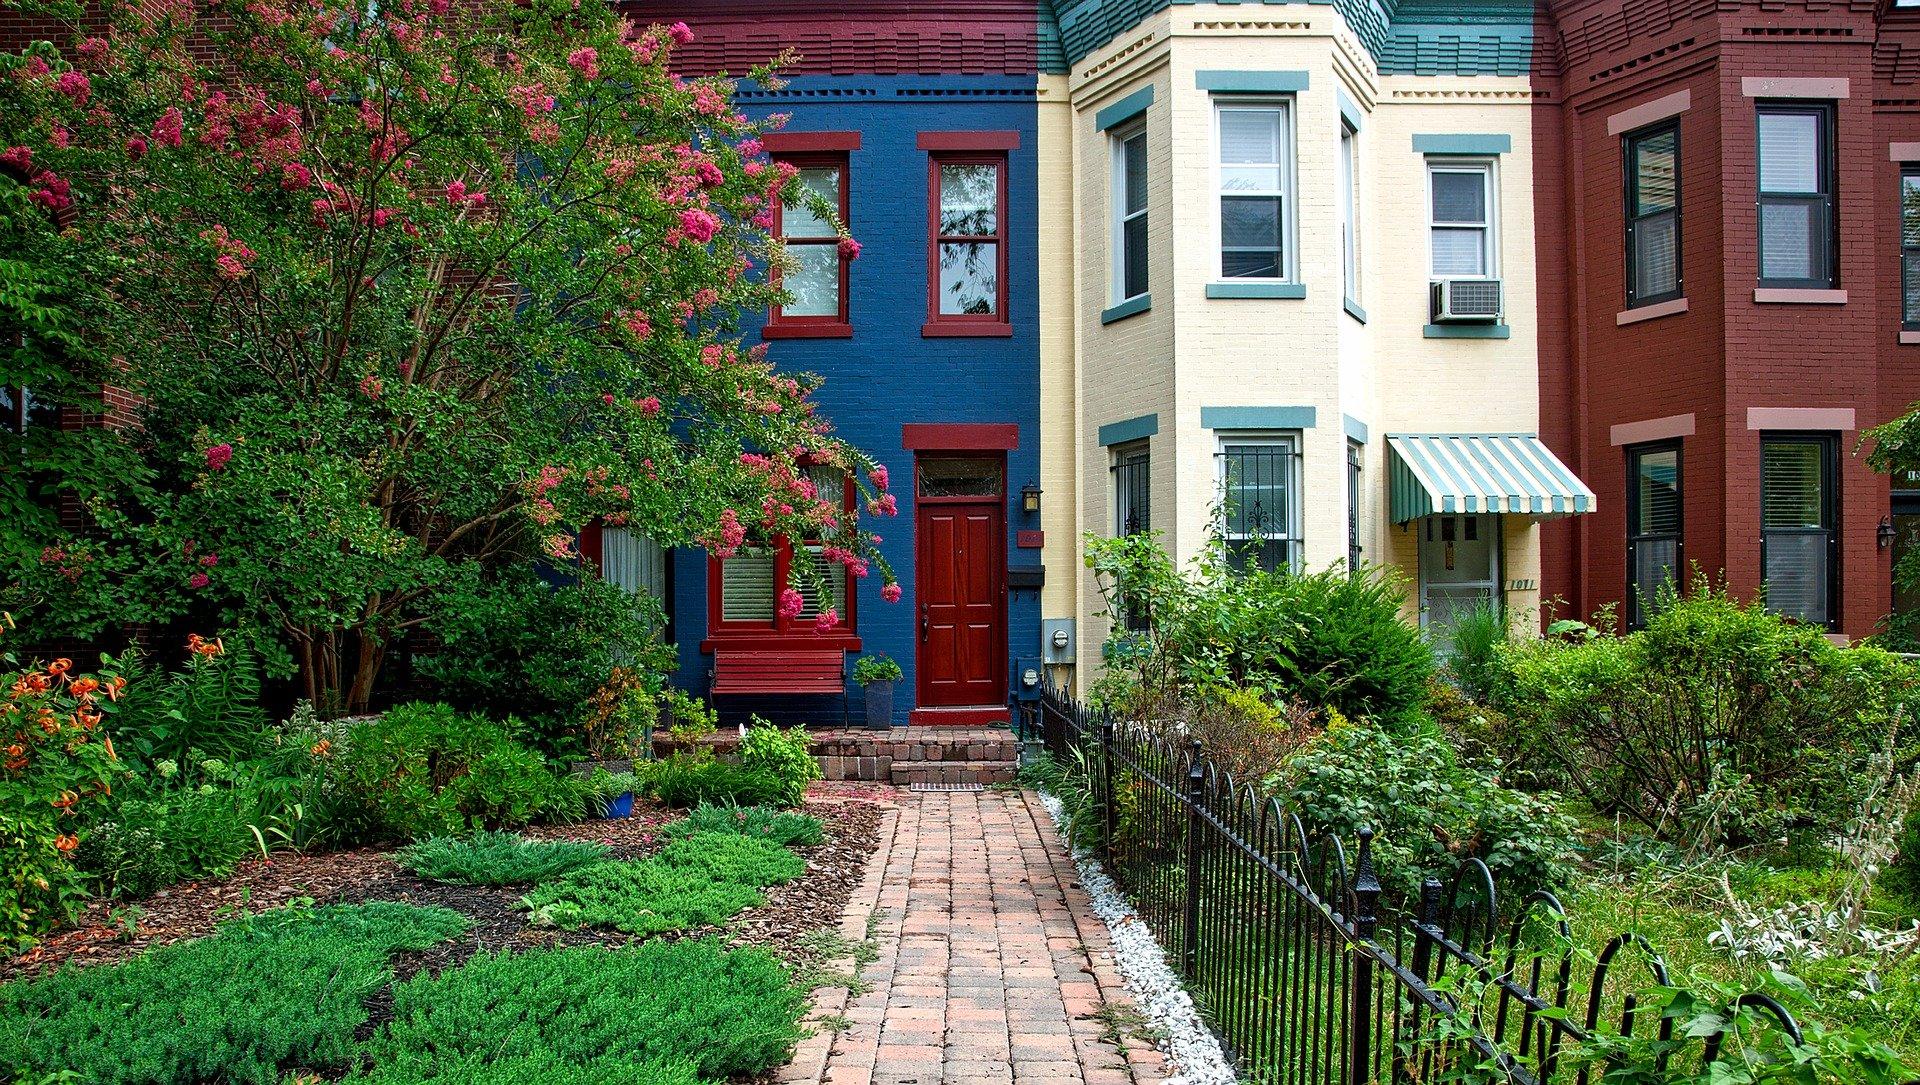 Masz mieszkanie z ogródkiem? Czy na pewno ogródek jest twoją własnością?